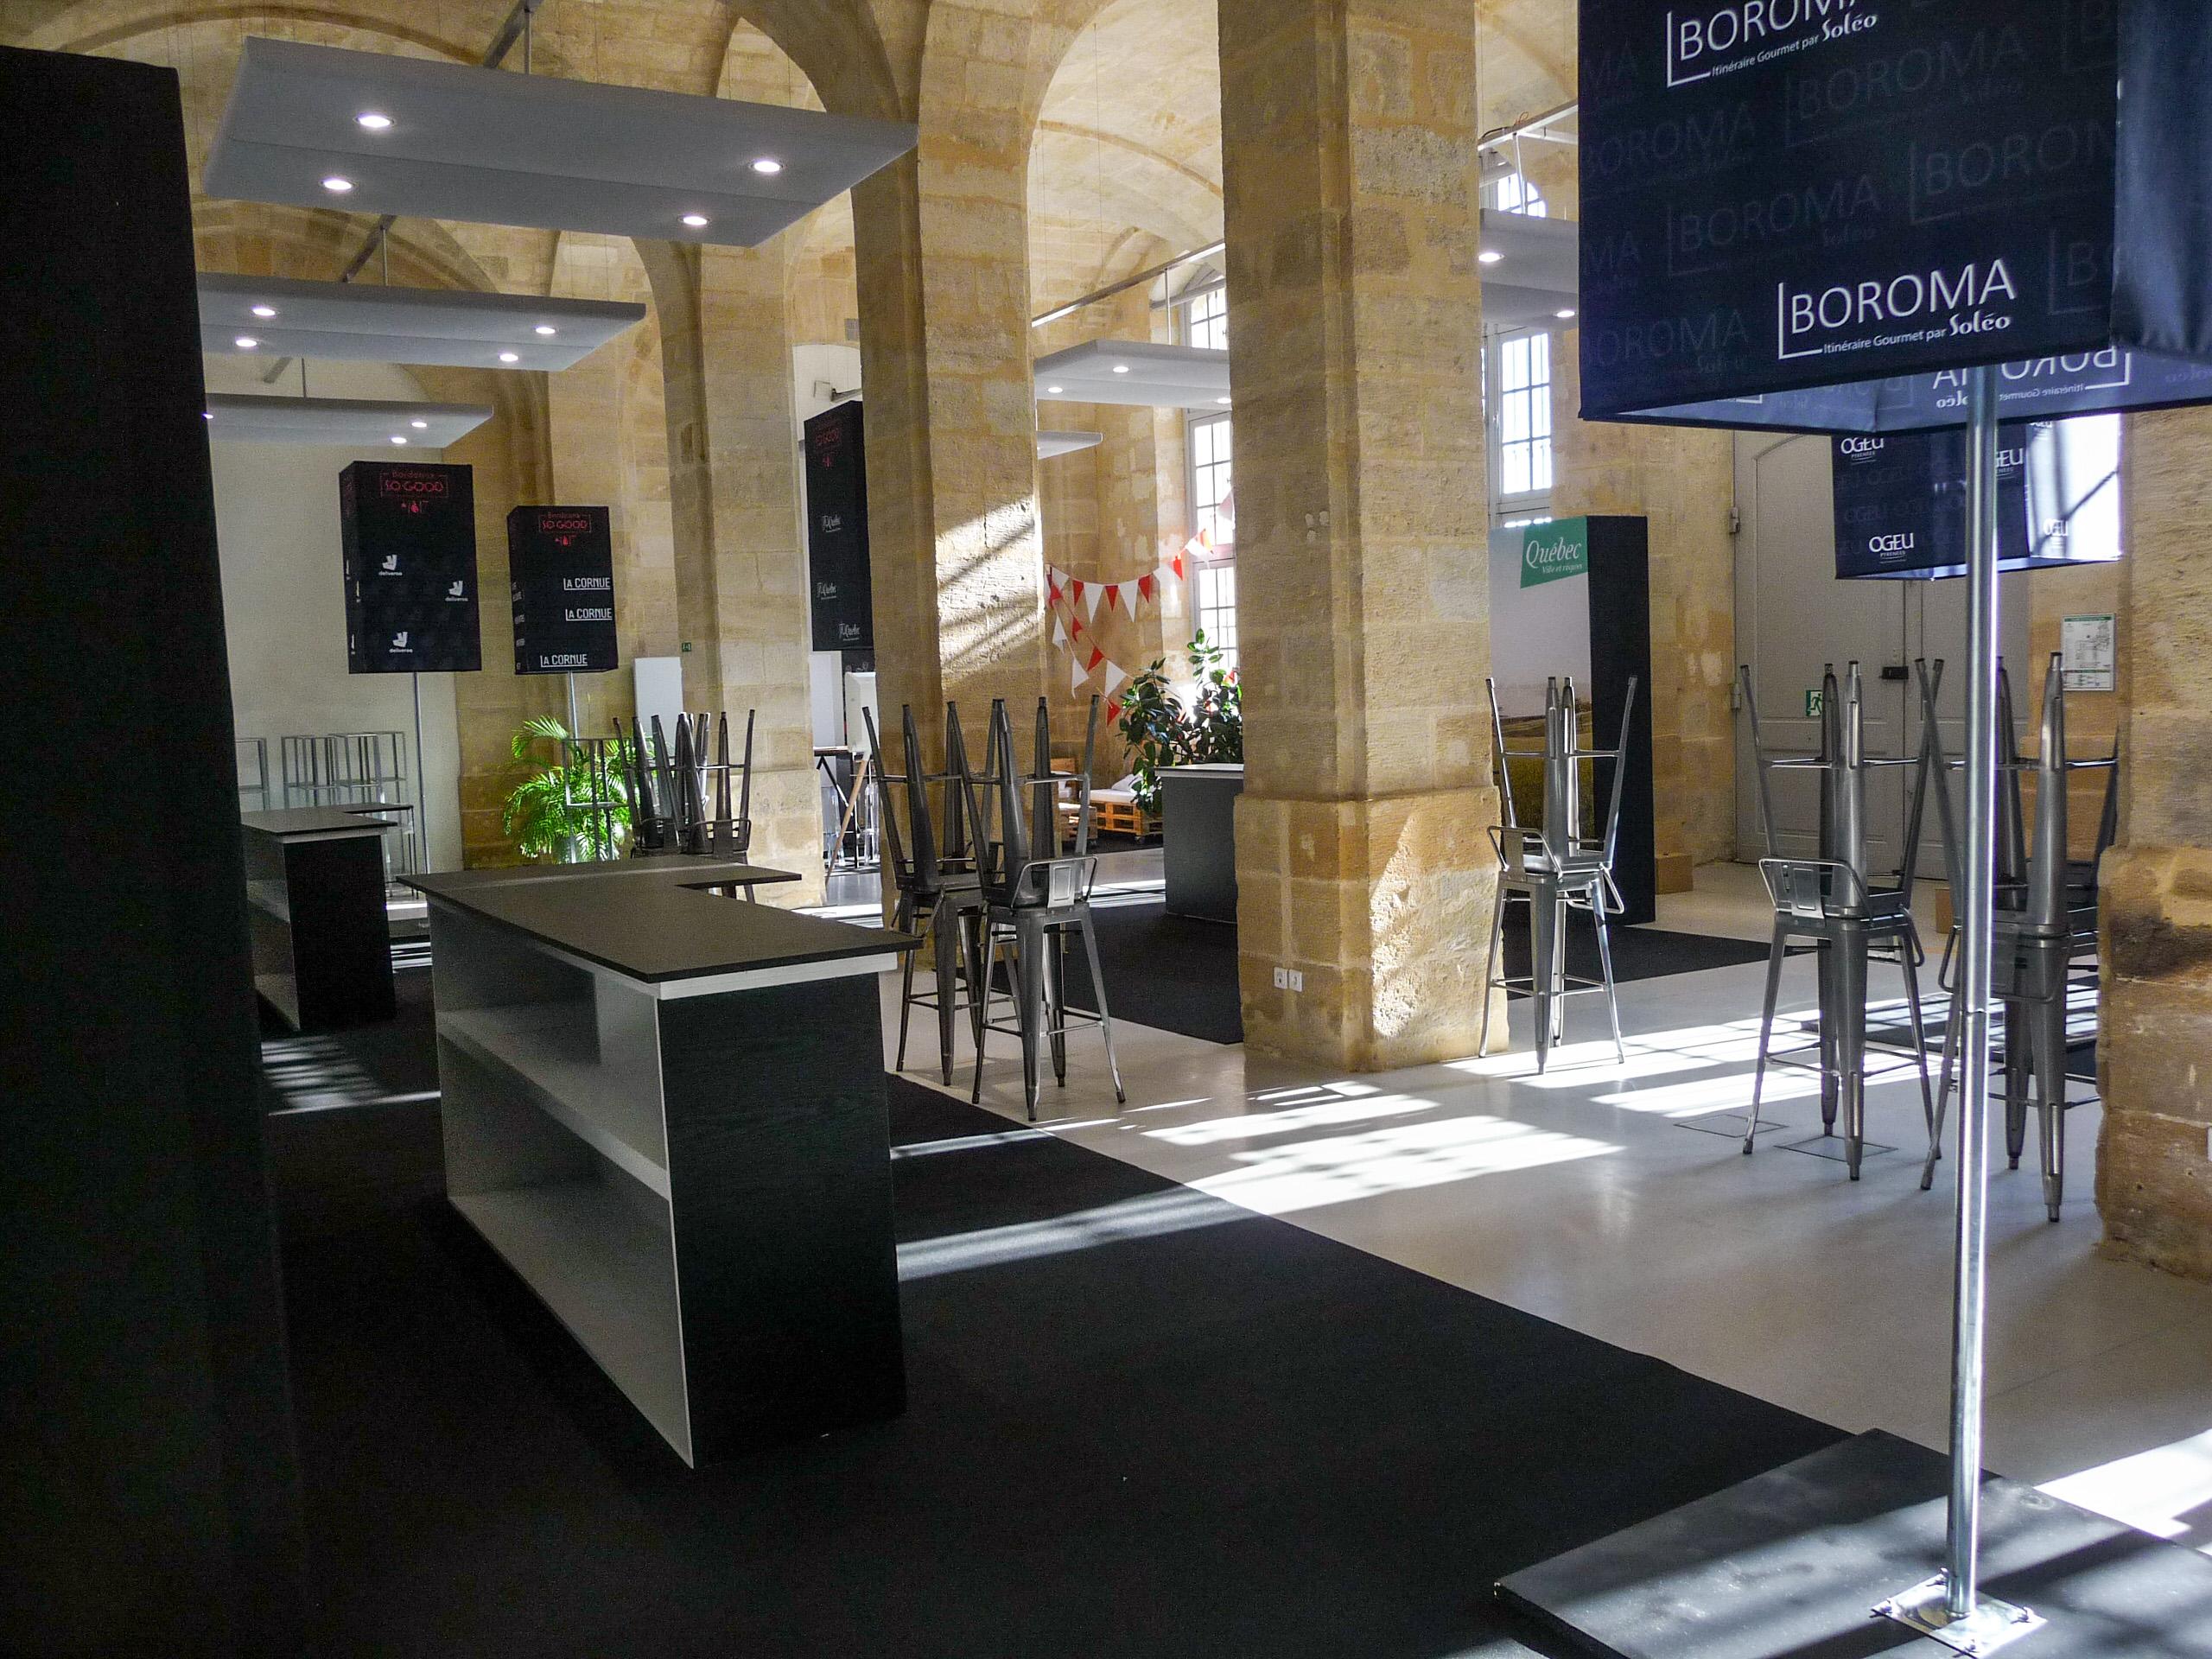 Espace Bourse